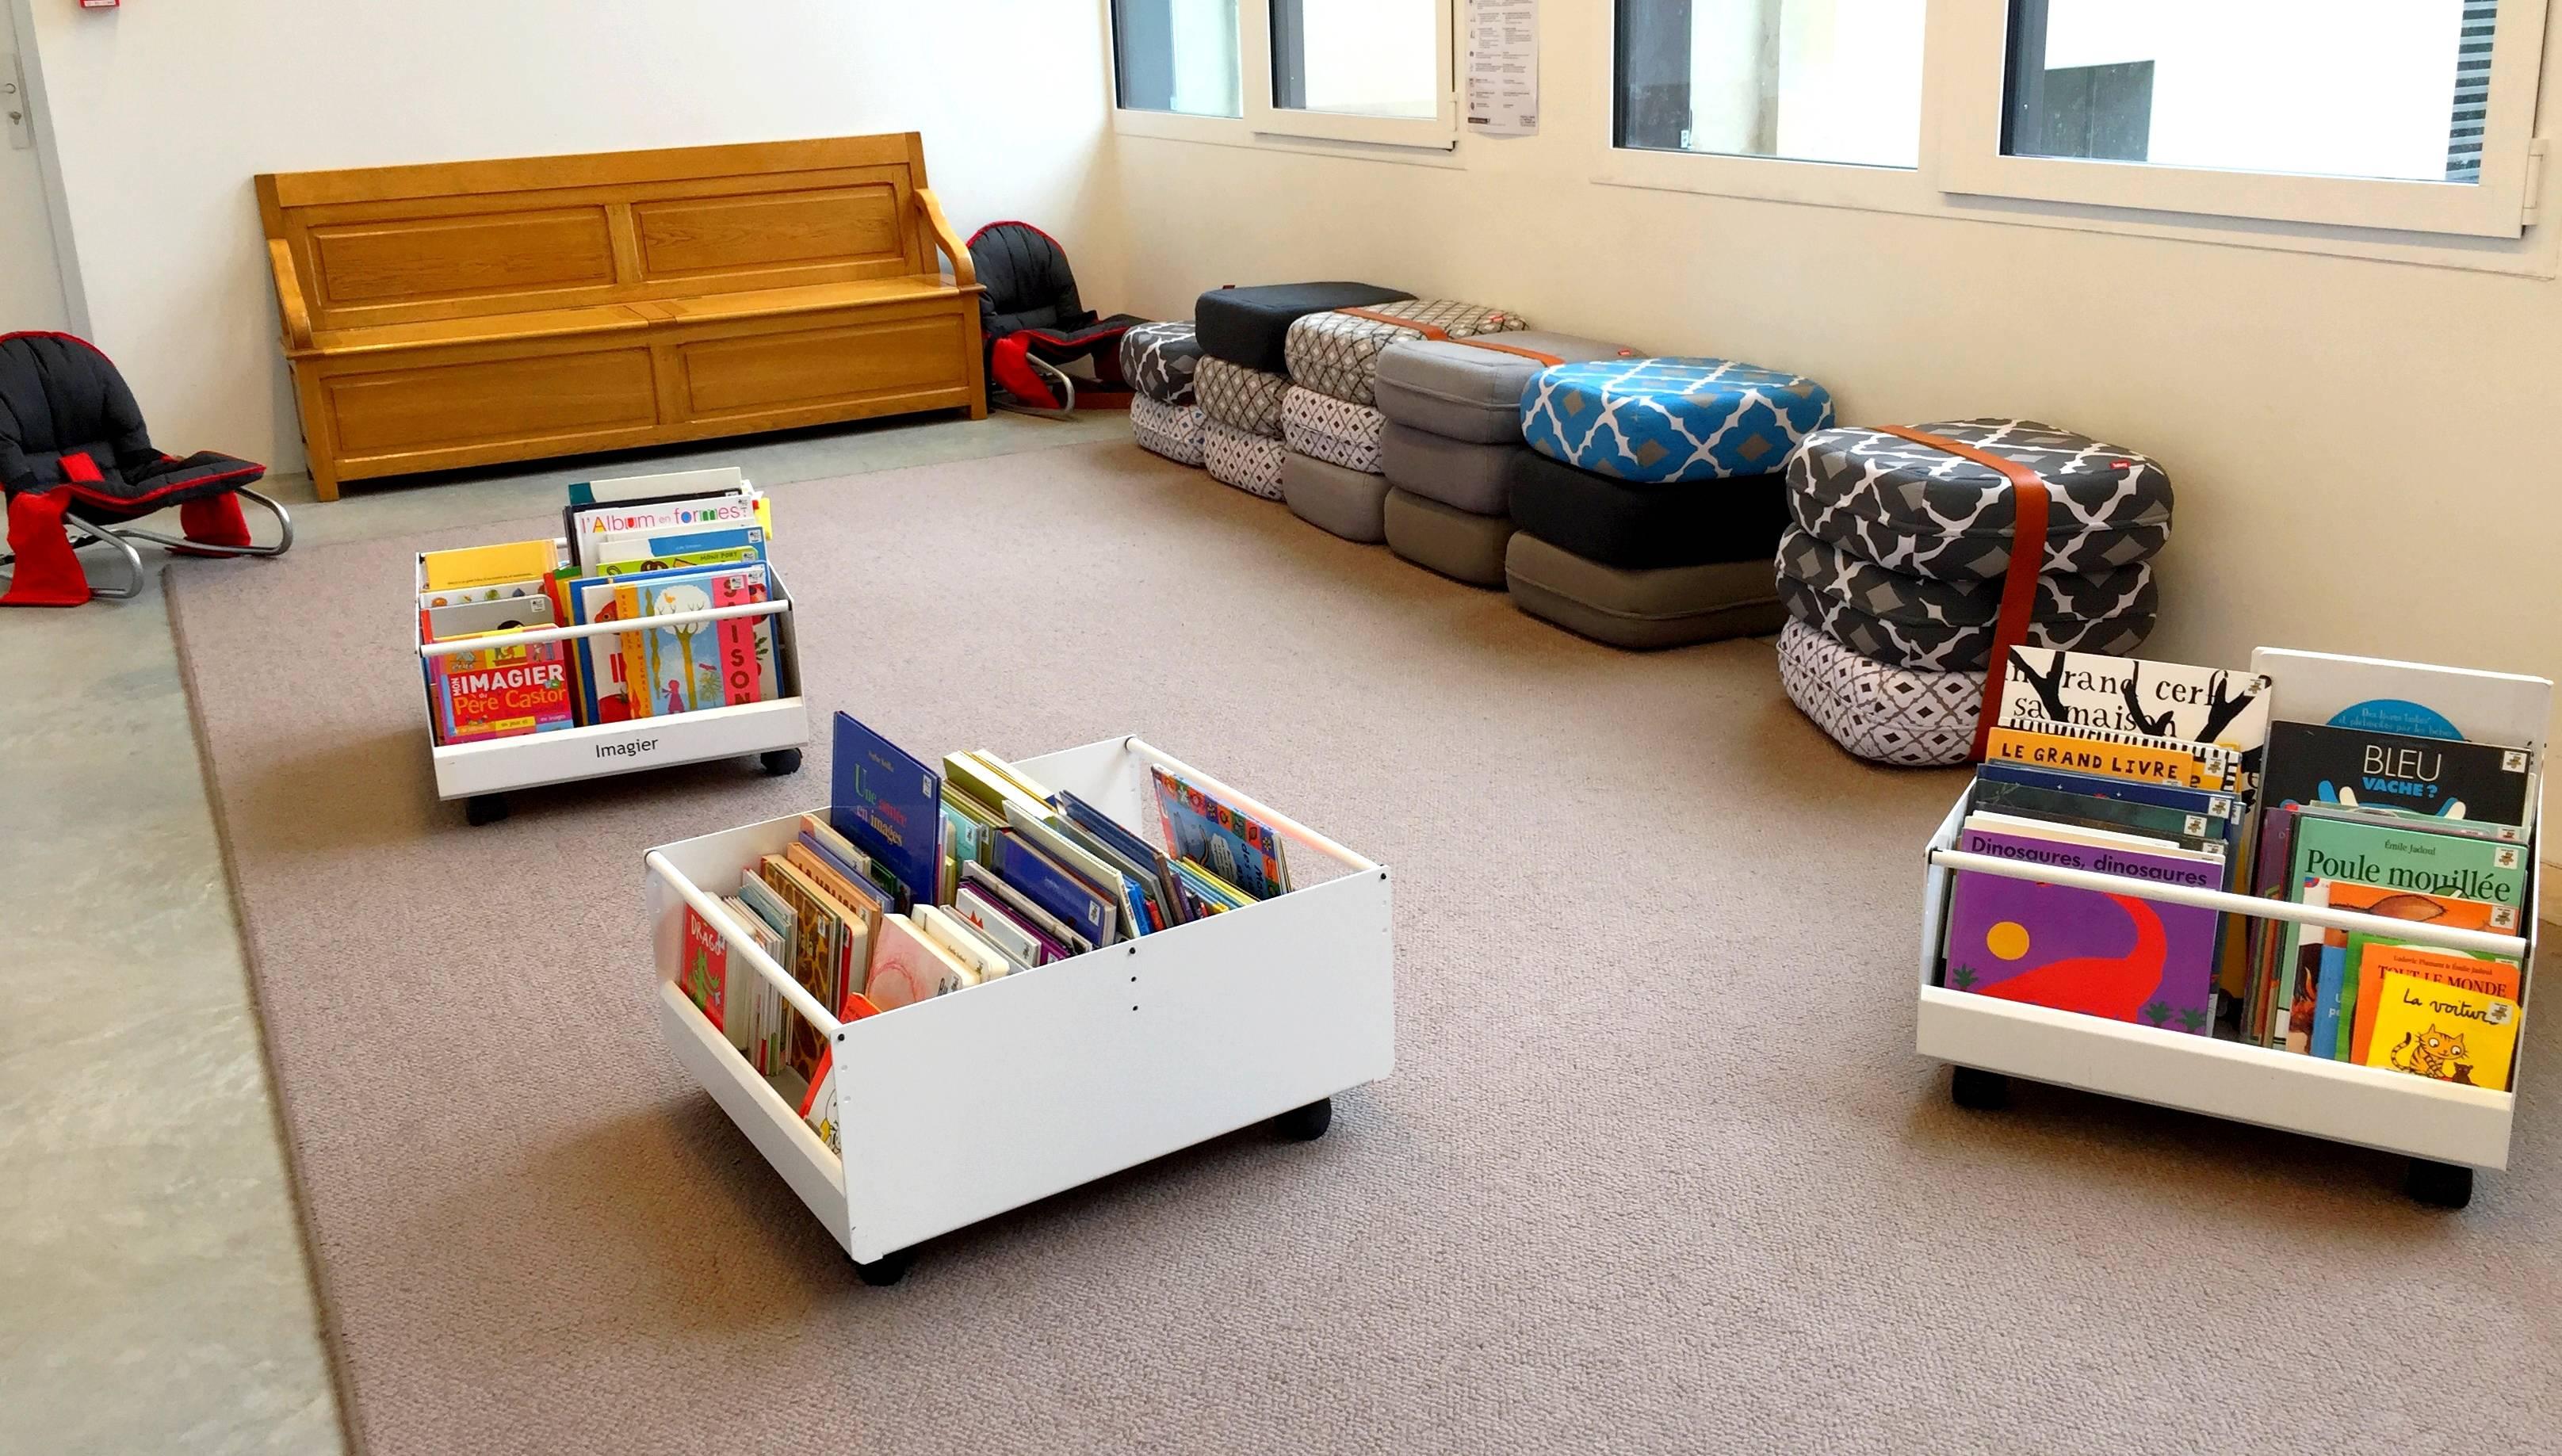 Biblioth Ques Le Mobilier Au Coeur Des Usages Archimag # Meuble Bibliotheques